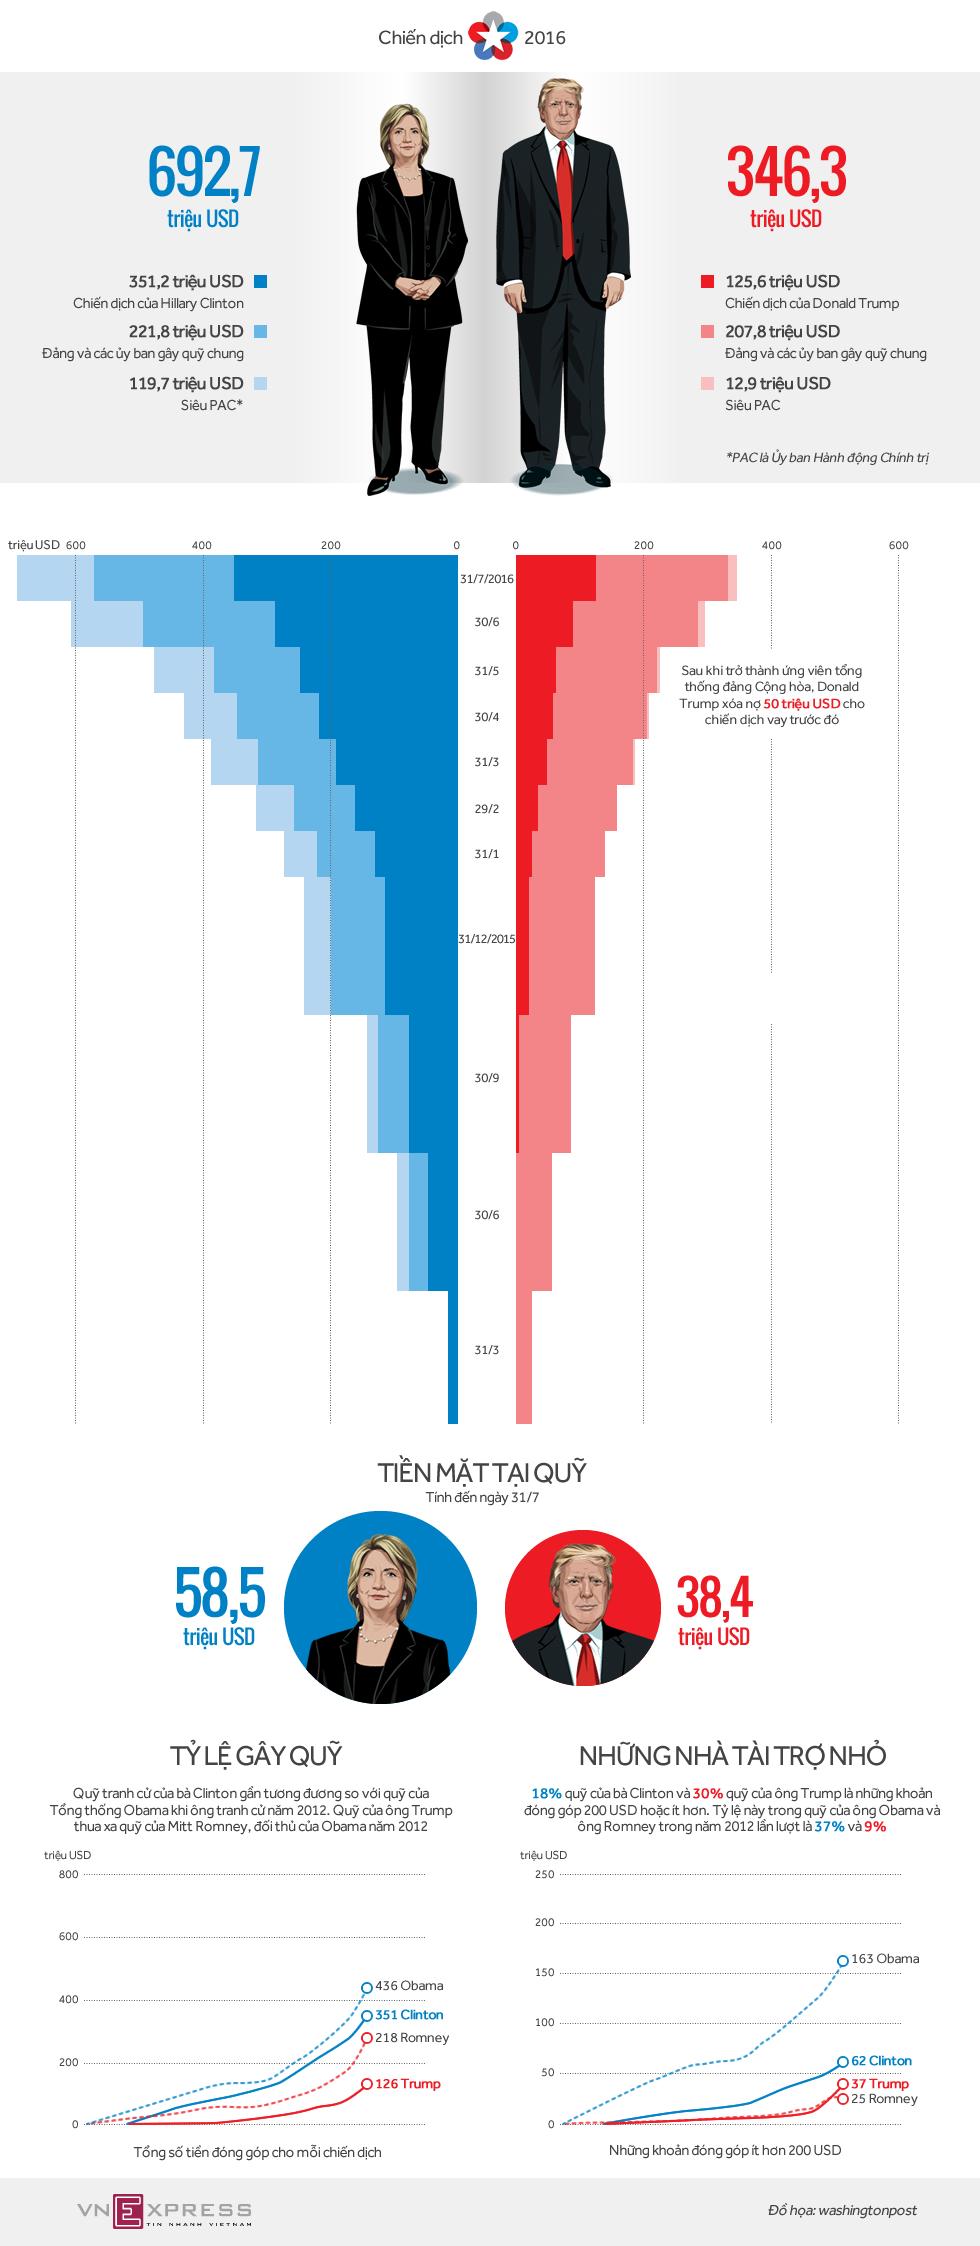 Túi tiền tranh cử của bà Clinton nặng gấp đôi tỷ phú Trump